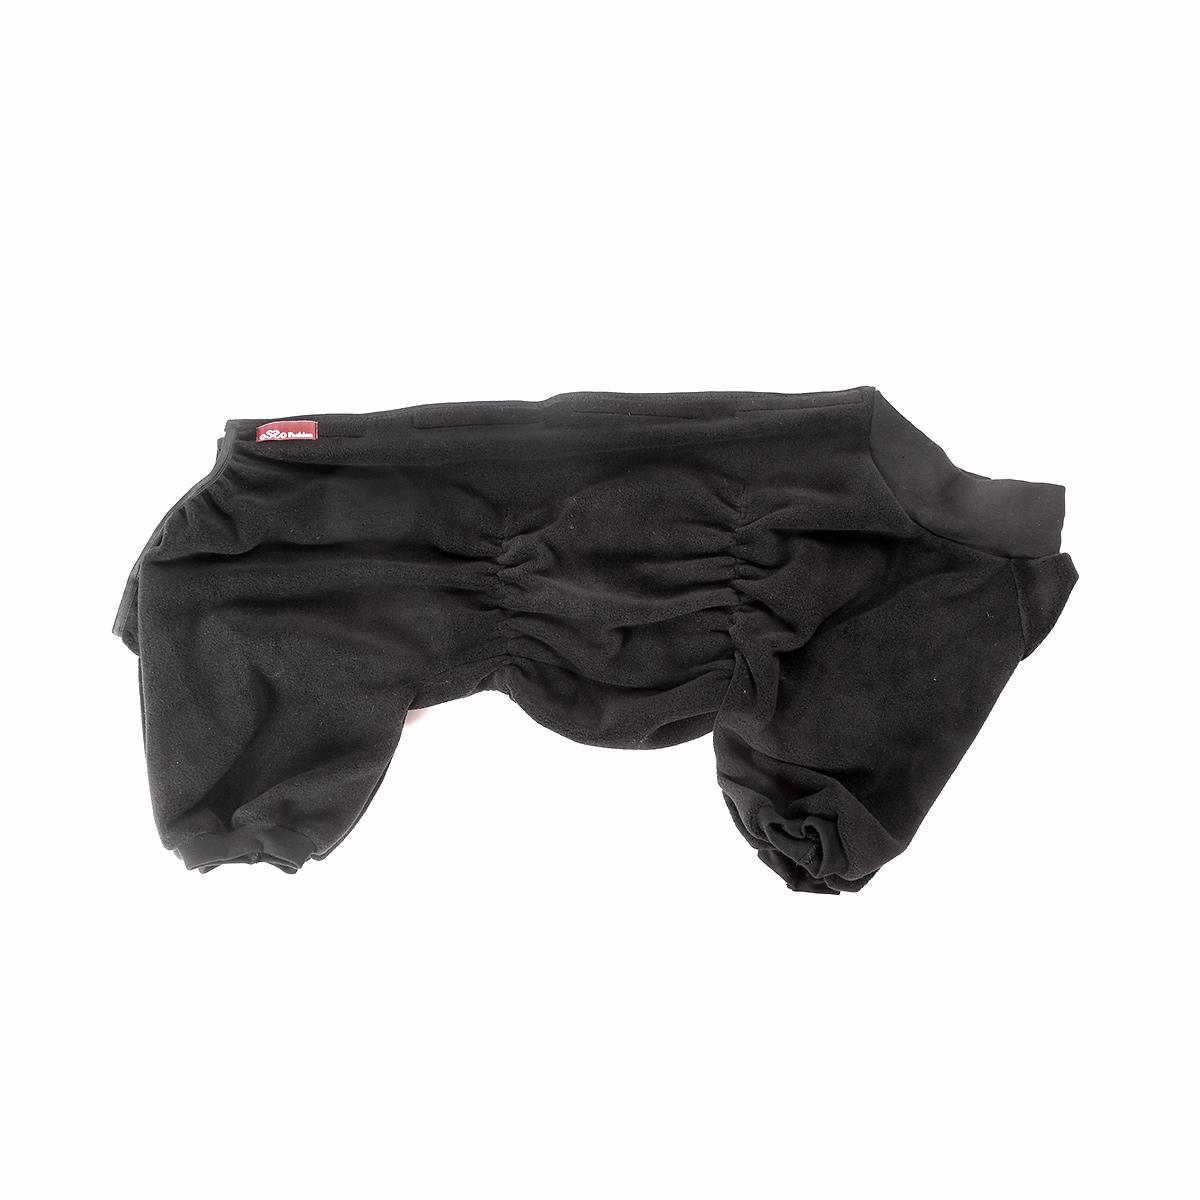 Комбинезон для собак Osso Fashion, для мальчика, цвет: графит. Размер 35Кф-1010Теплый, приятный на ощупь, эргономичный флисовый комбинезон на липучках. Комфортная посадка по корпусу достигается за счет резинок-утяжек под грудью и животом. На воротнике имеются завязки, для дополнительной фиксации Можно носить самостоятельно и как поддевку под комбинезон для собак на грязь. Отлично стирается, быстро сохнет.